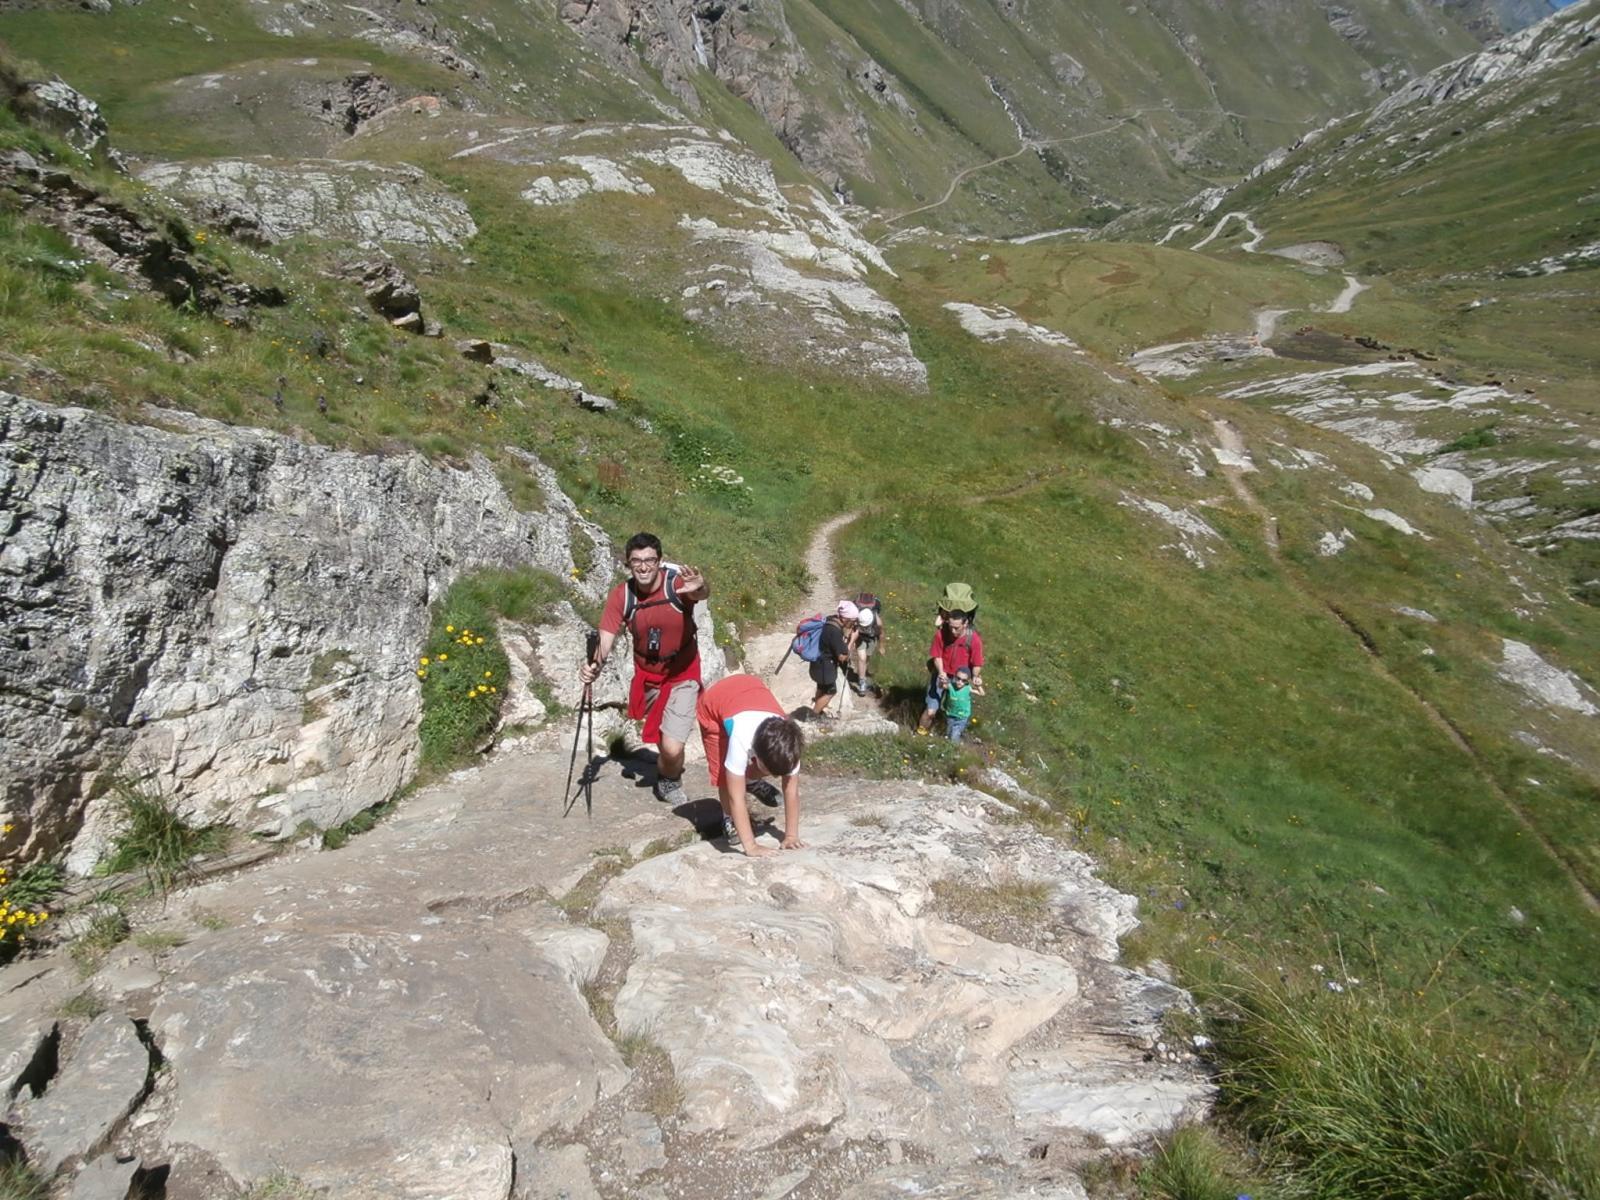 Matteo  sugli ultimi  saltini di roccia prima del rifugio...